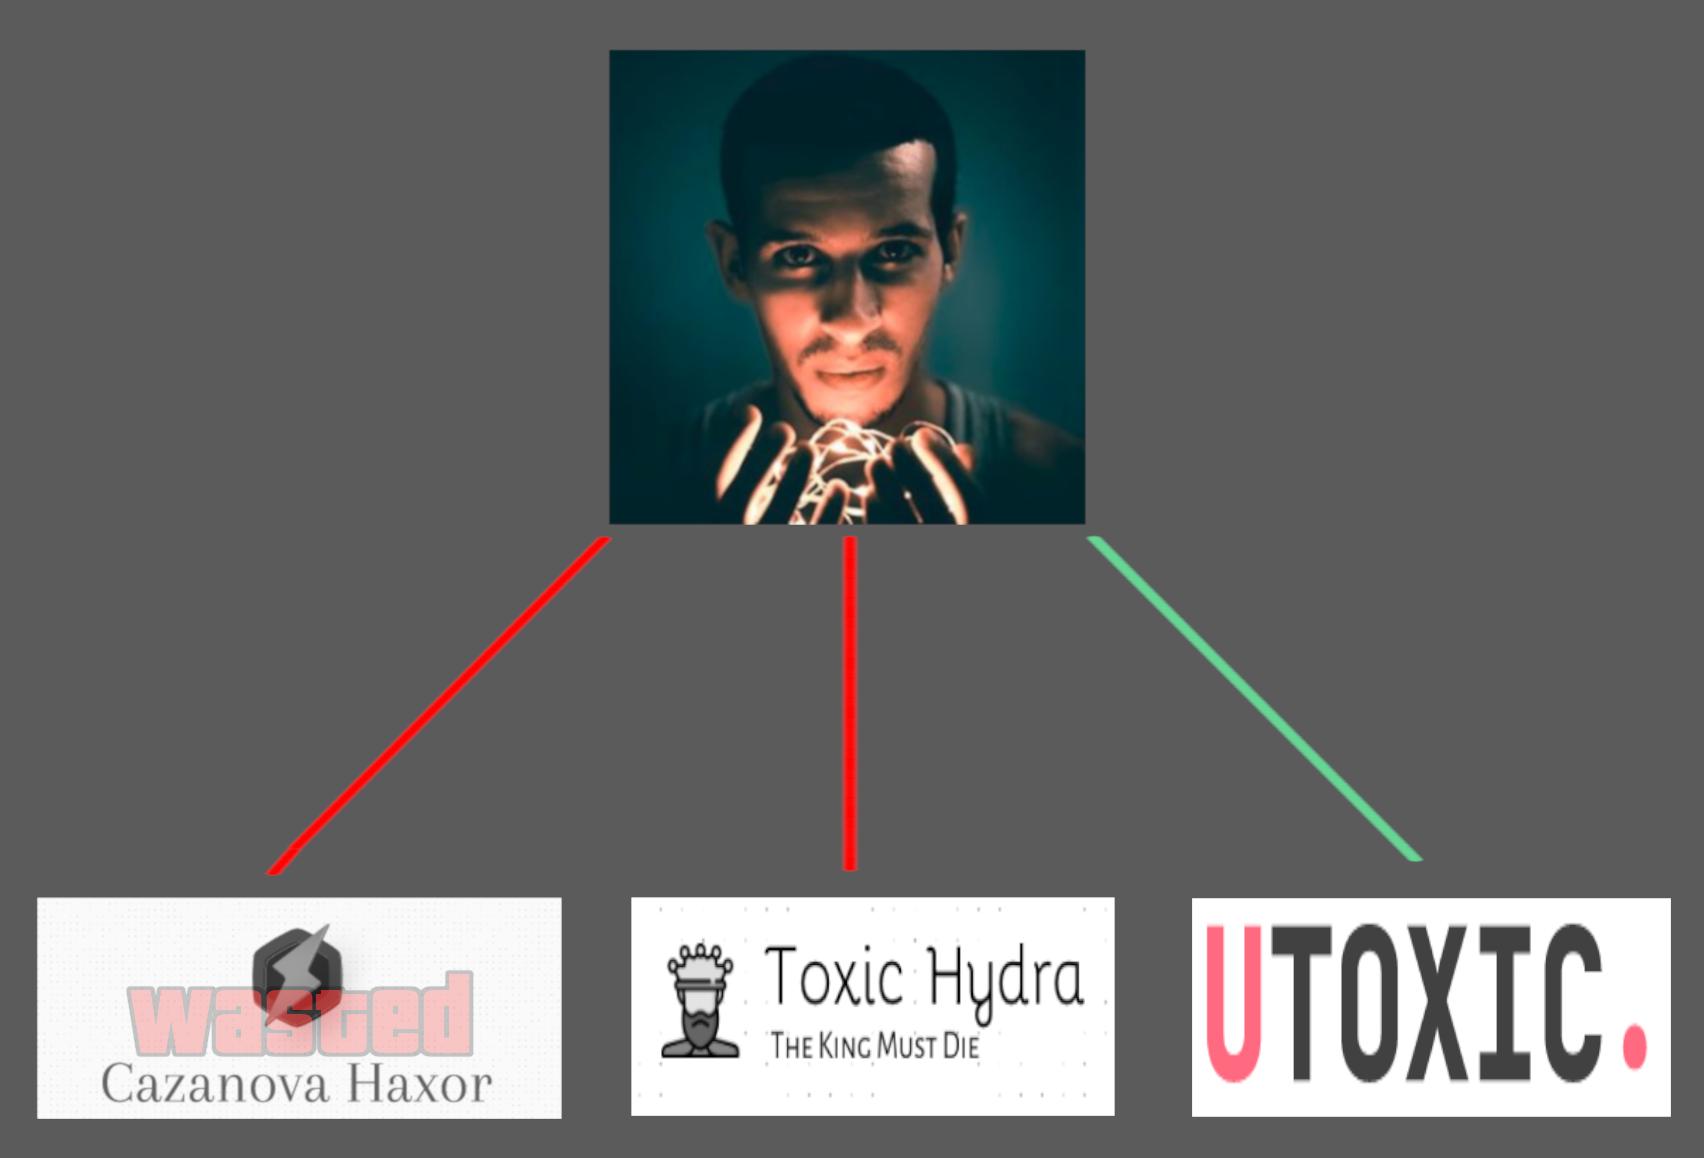 Bad Opsec: xcazanova - thetoxichydra - utoxic